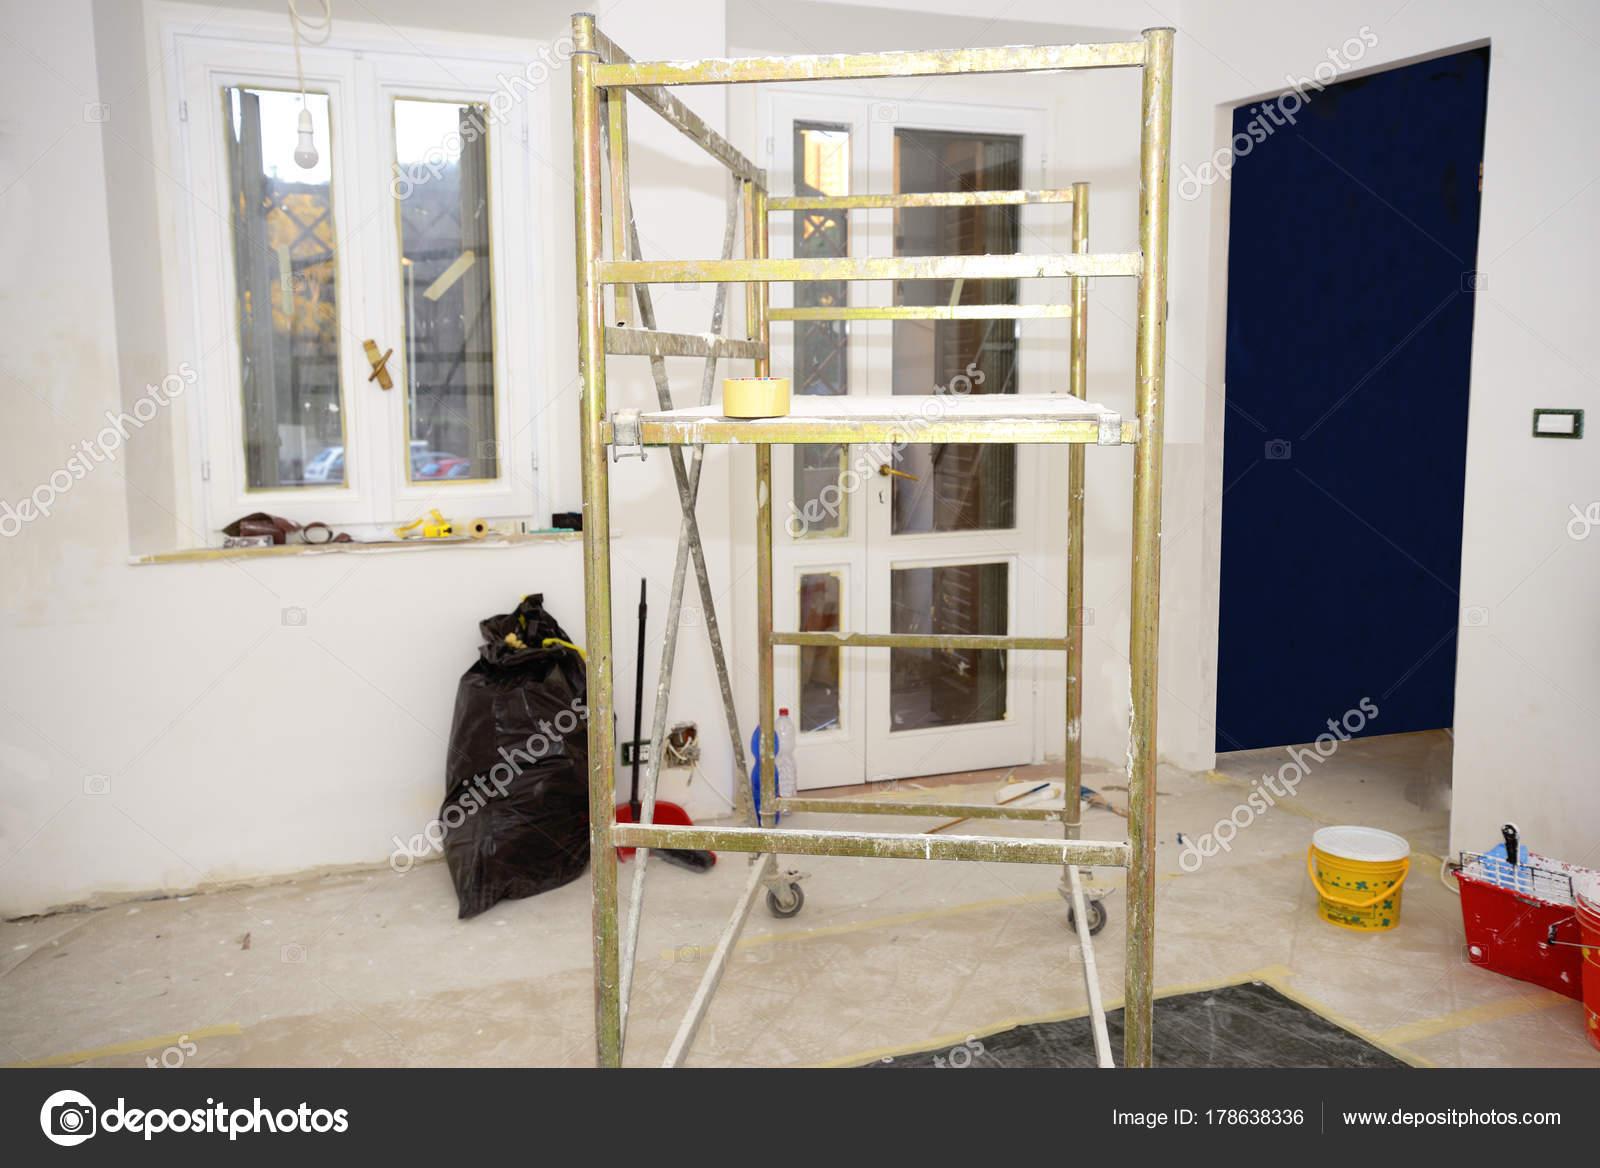 Altbau Sanierung Ein Neues Haus — Stockfoto © katy89 #178638336